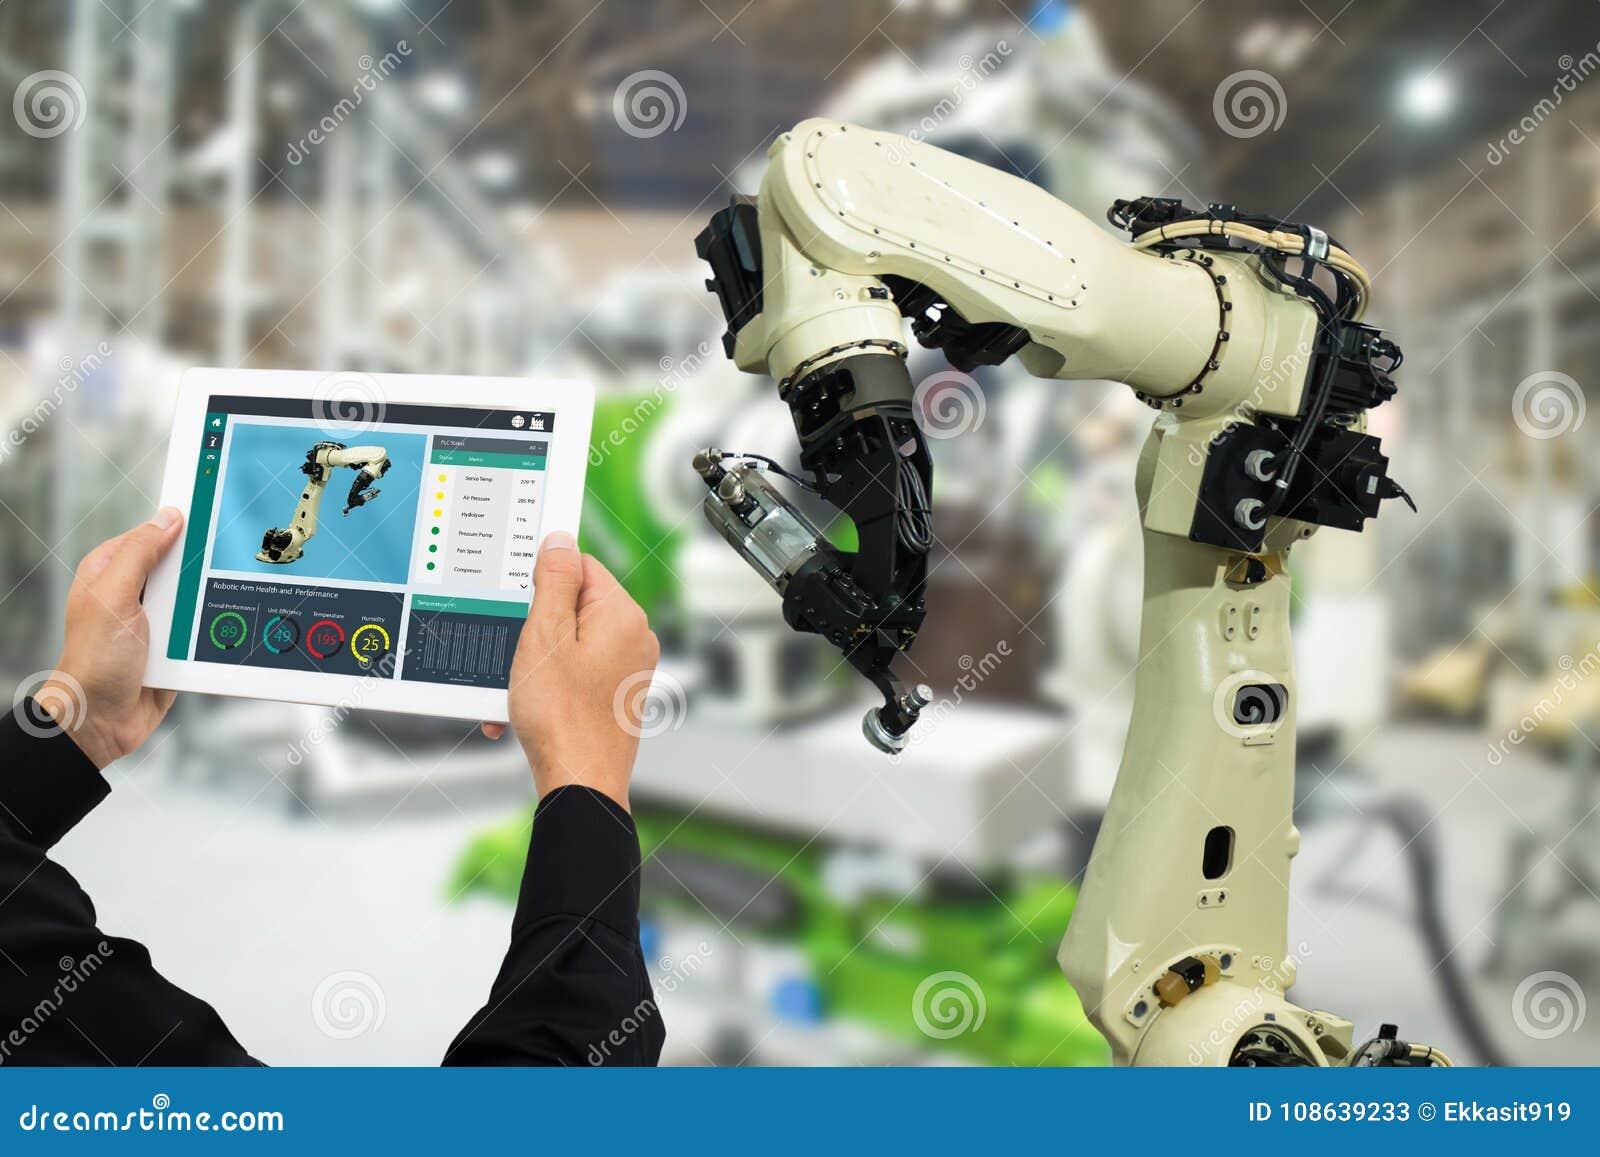 Industrie 4 d Iot 0 concepts, ingénieur industriel employant le logiciel augmenté, réalité virtuelle dans le comprimé à surveille